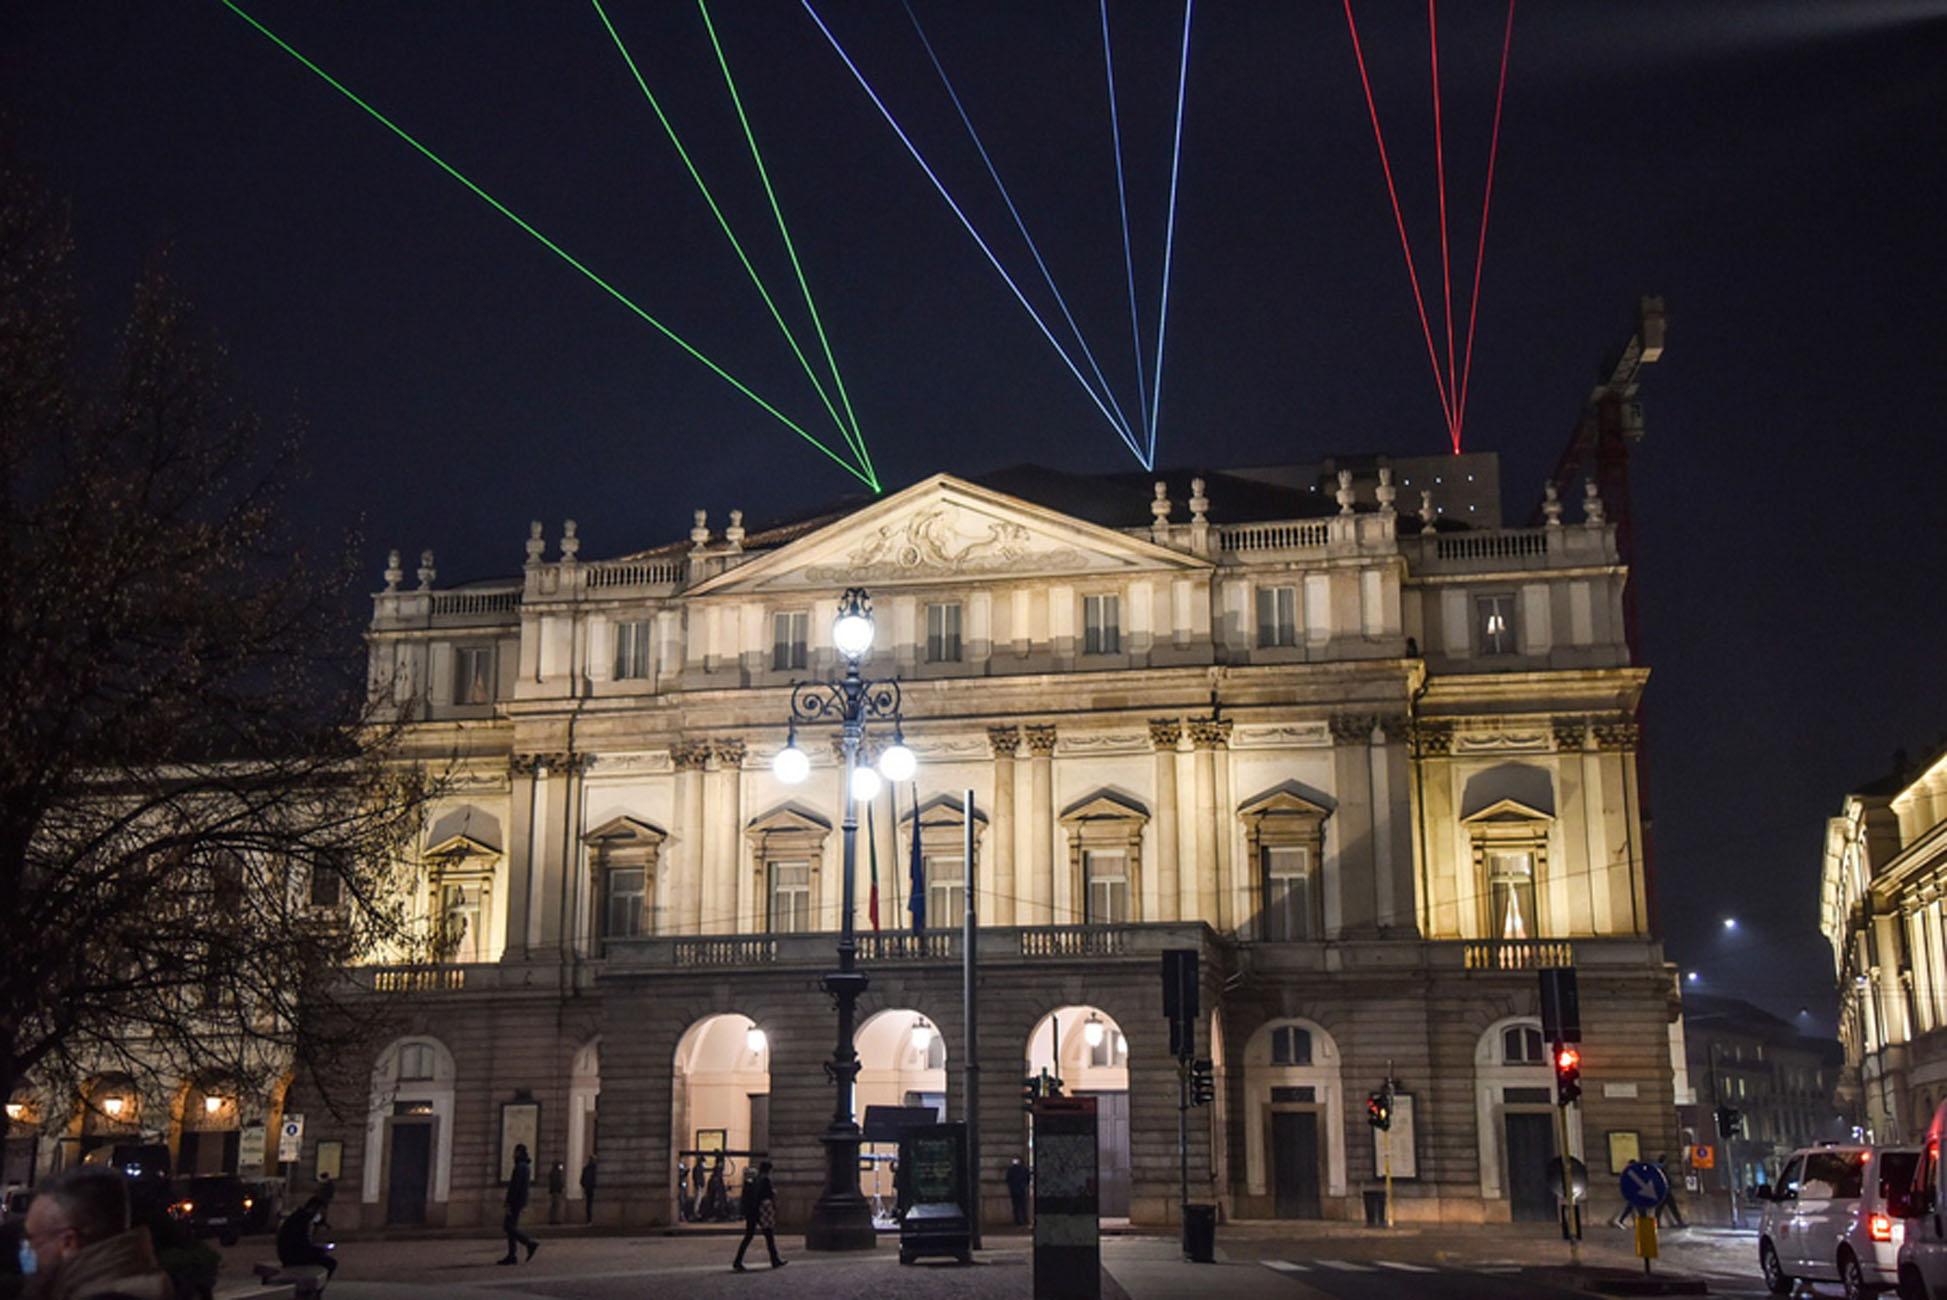 Ιταλία: Ανοίγει και πάλι σήμερα η «Σκάλα του Μιλάνου» με 500 τυχερούς θεατές